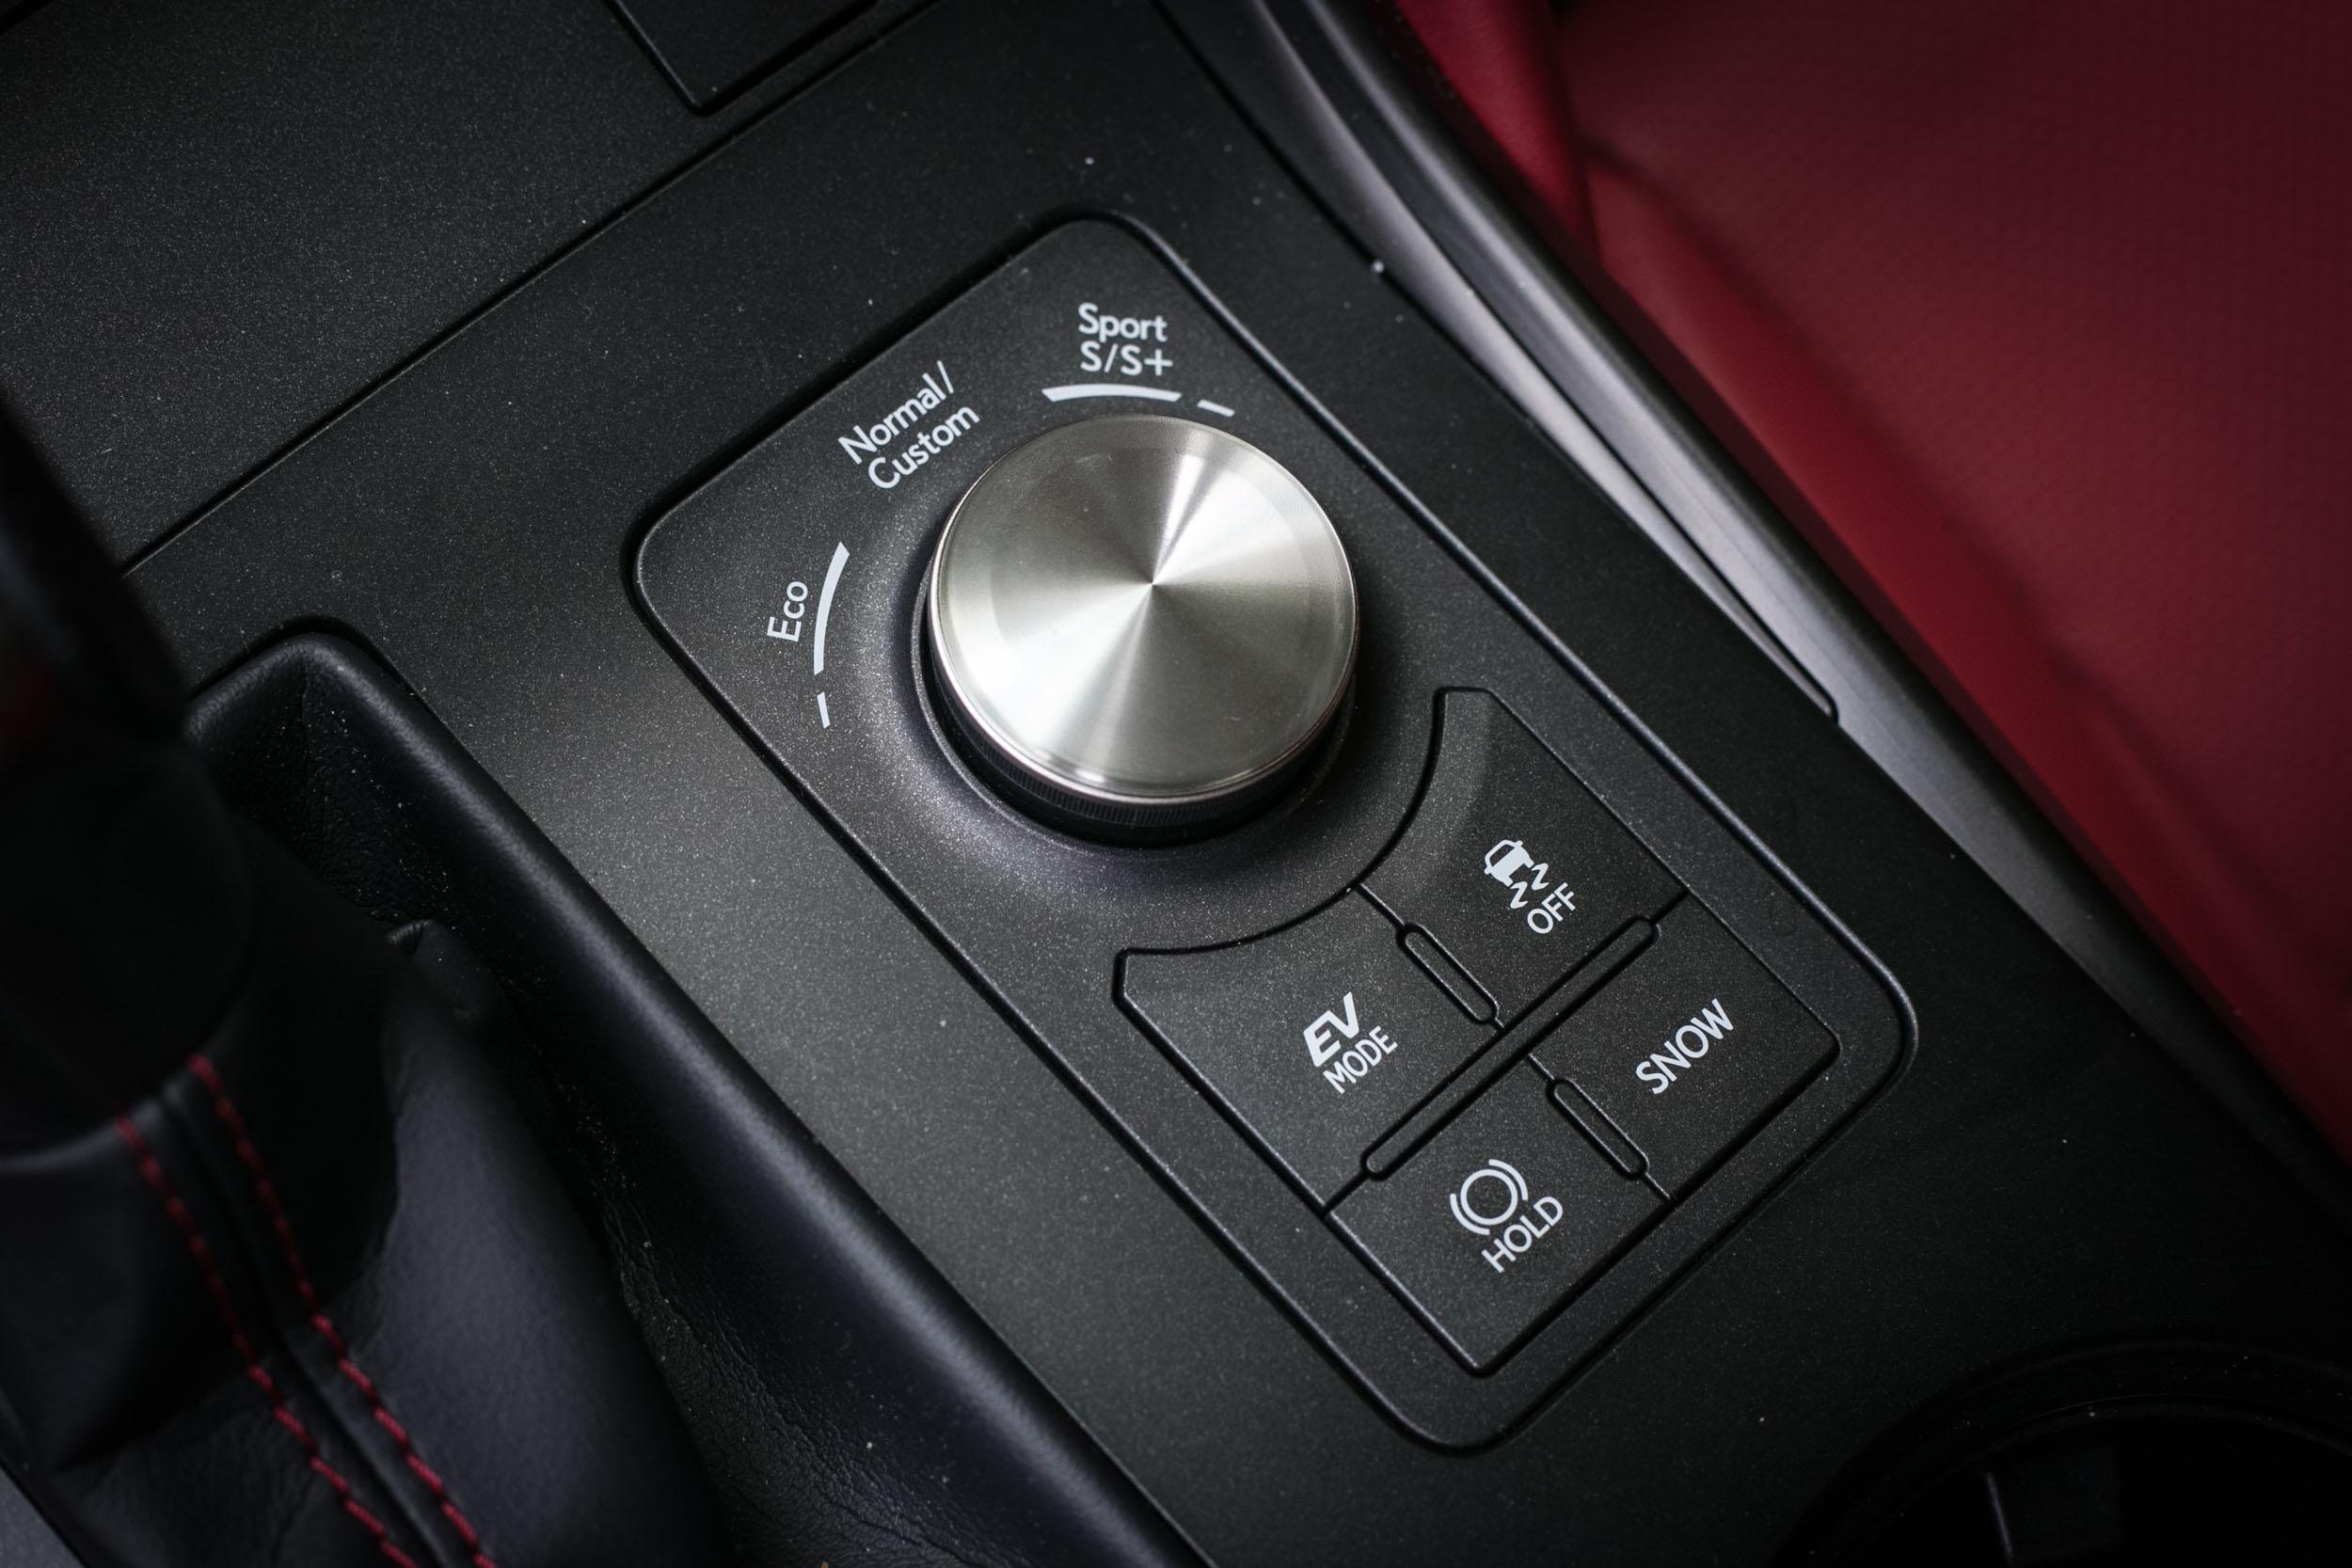 駕馭模式旋鈕設計於排檔座右方,使用上不夠就手。